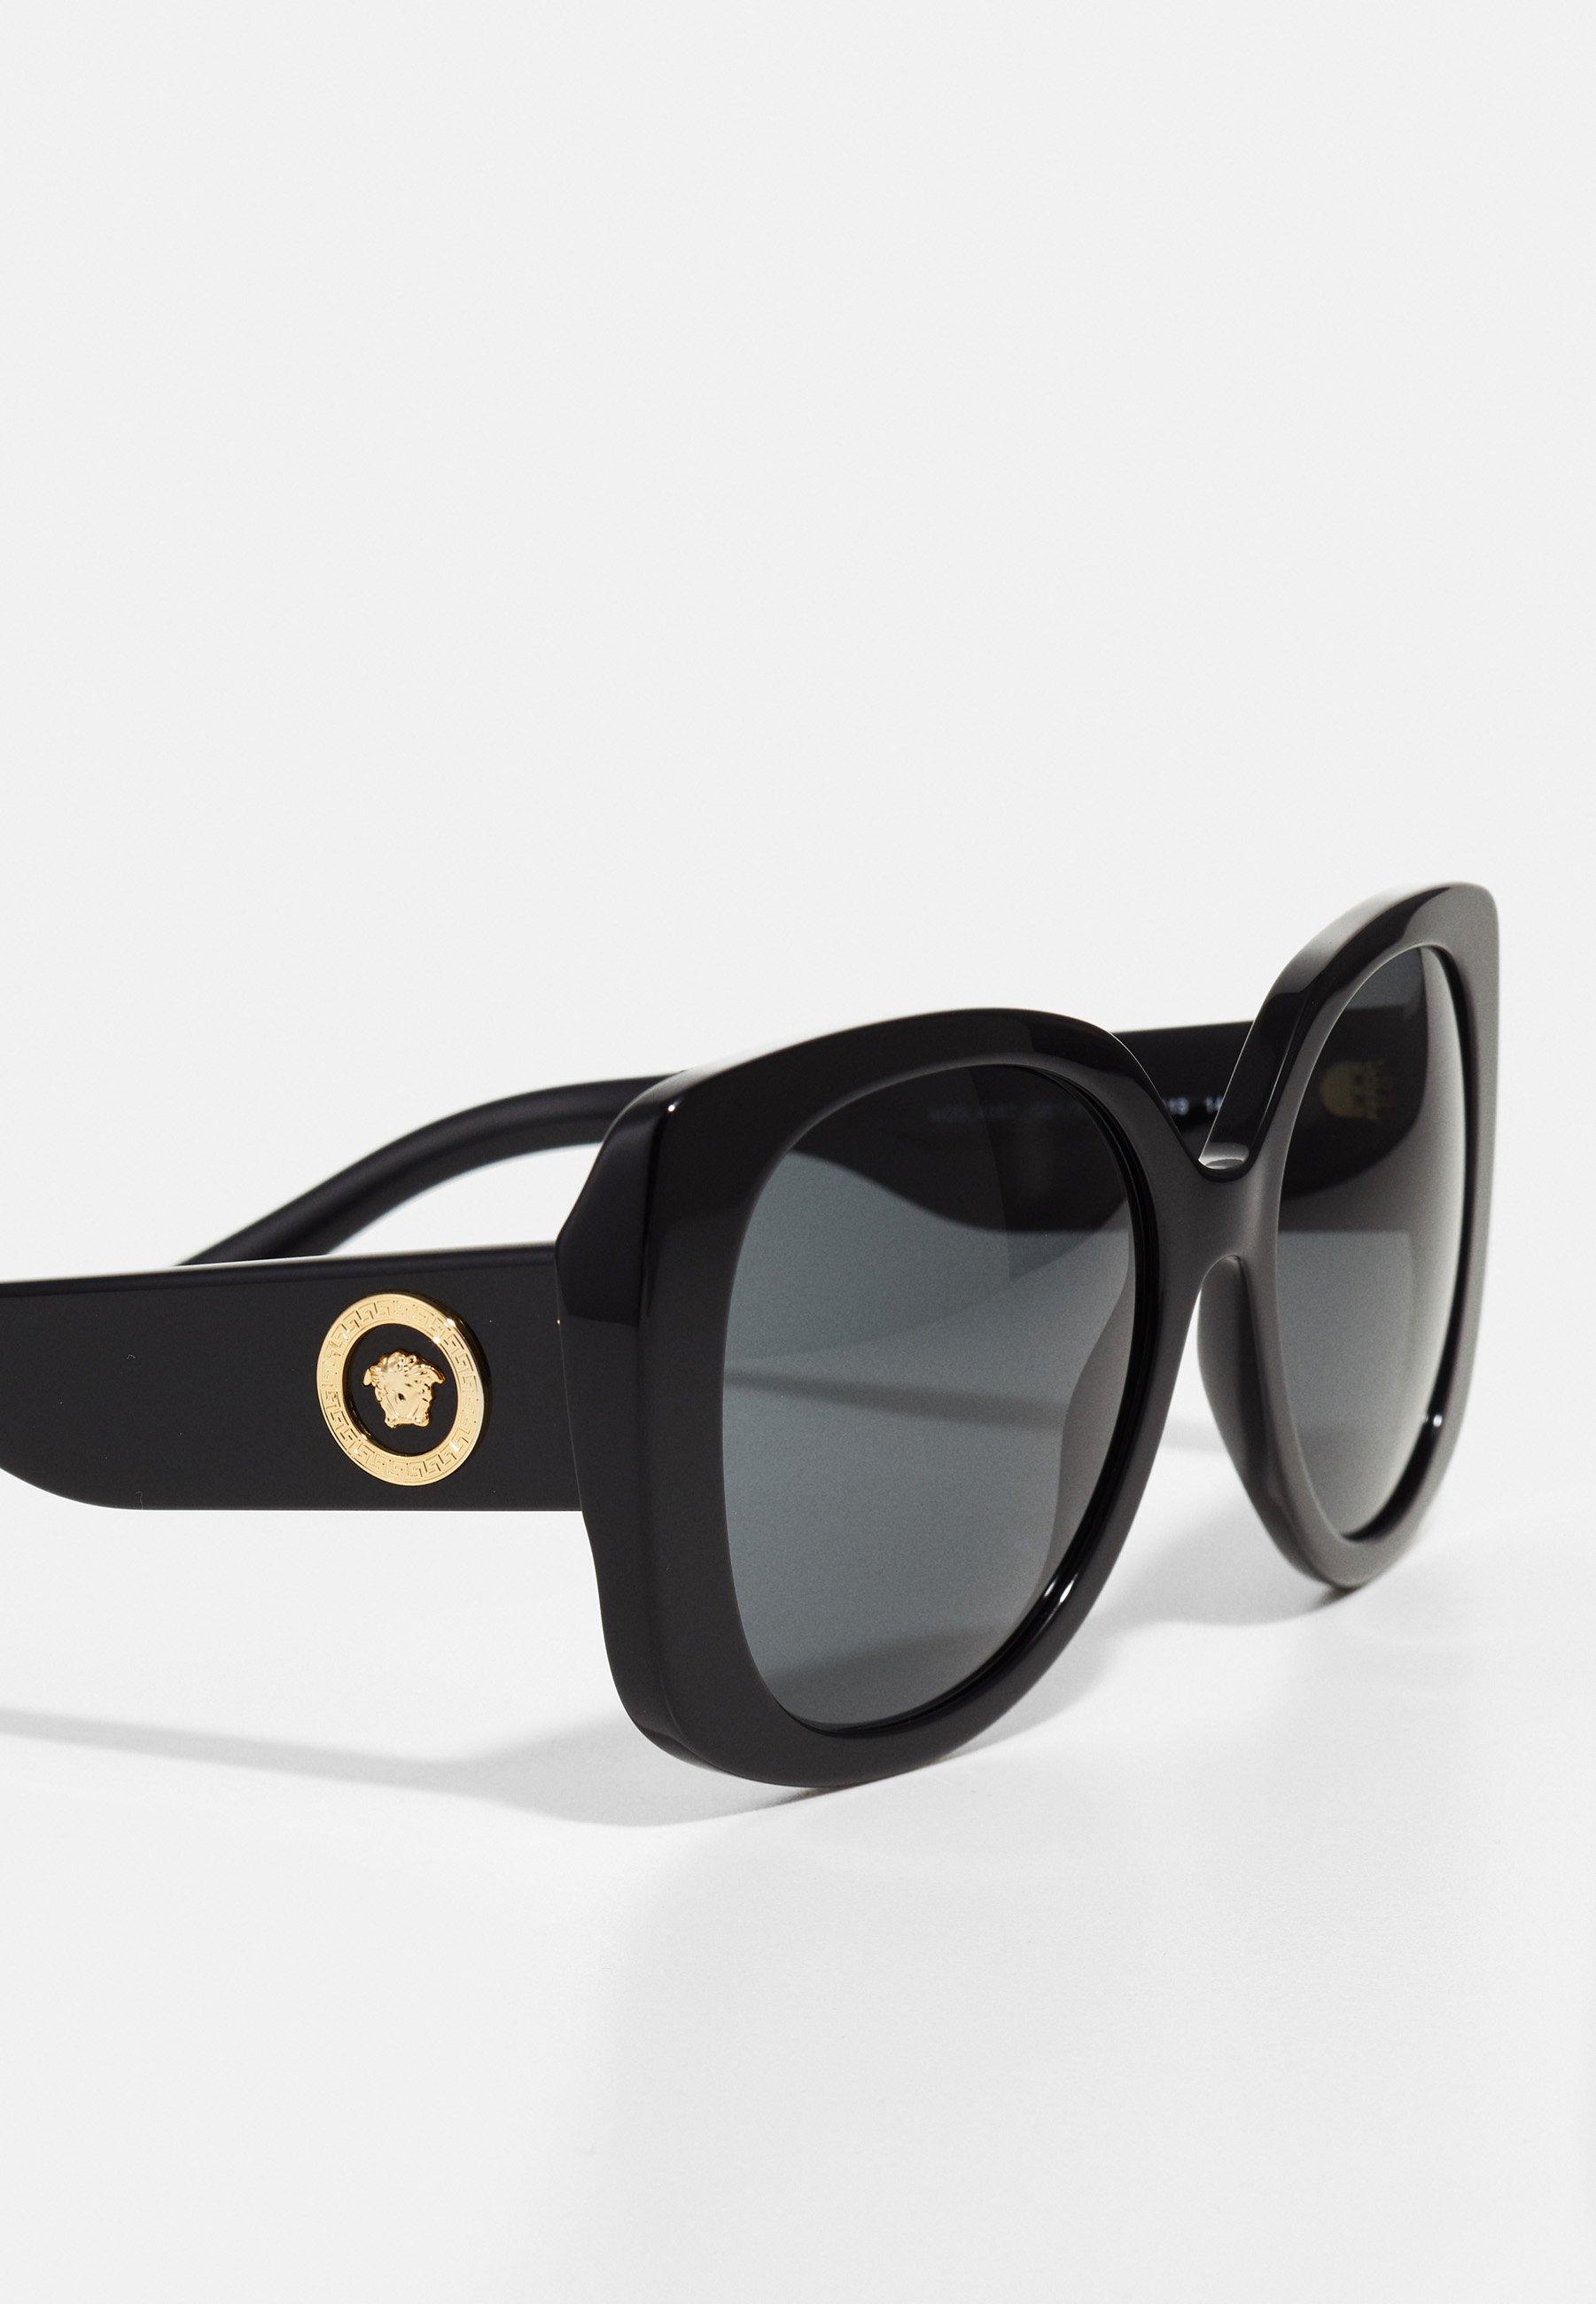 Versace Solbriller - black/svart 47z8kAR7QpsVo0z